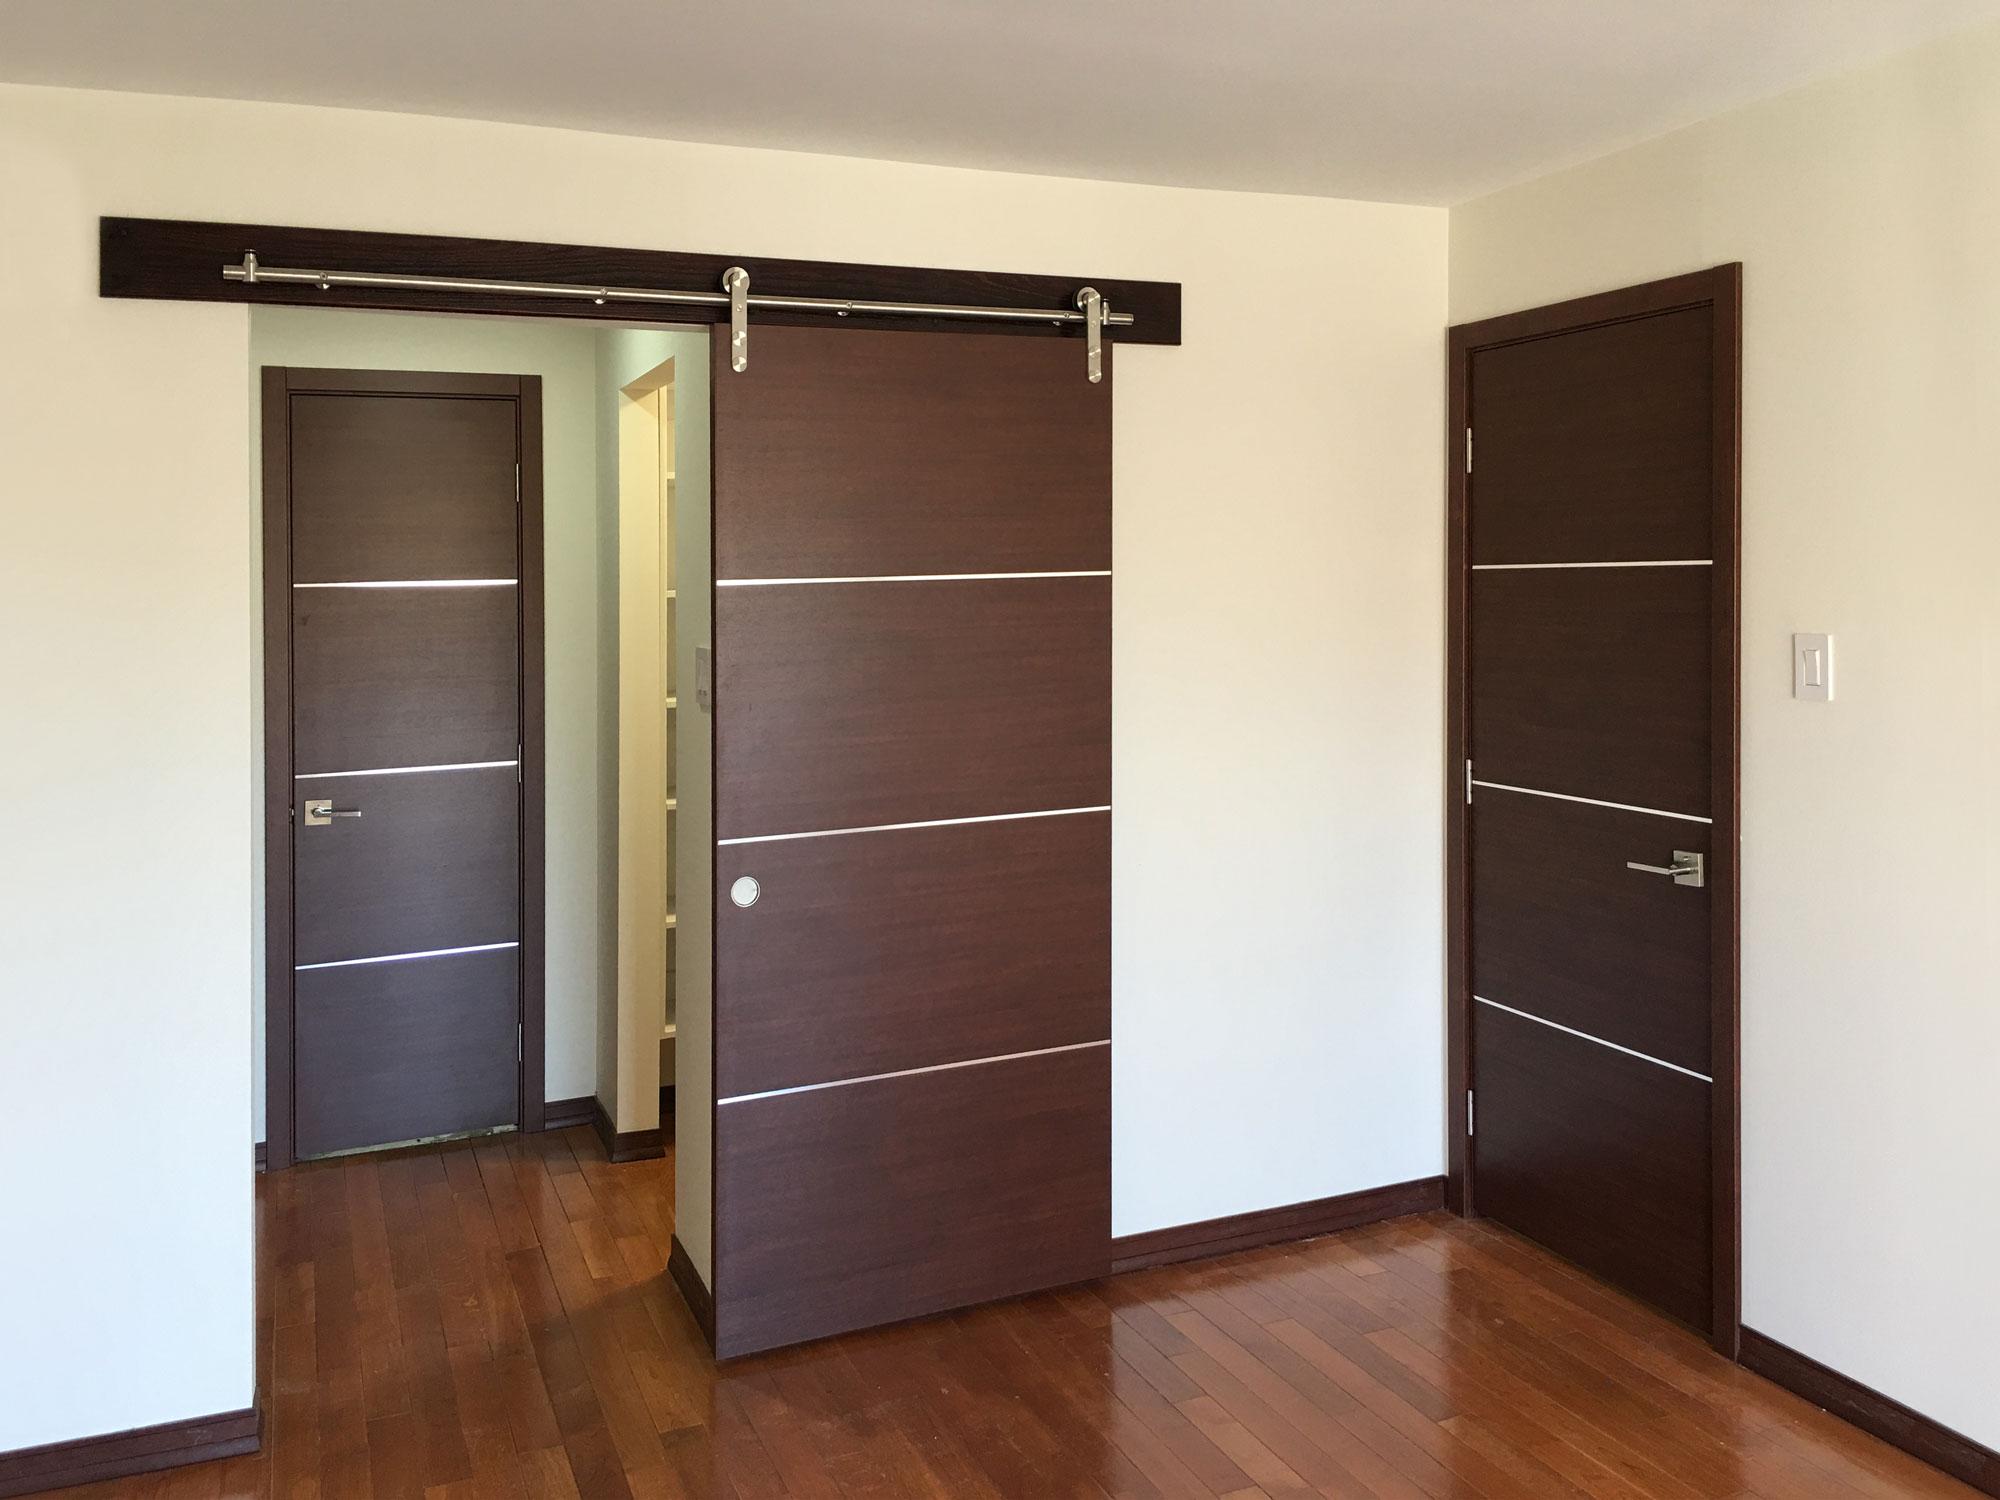 Installed Interior Doors